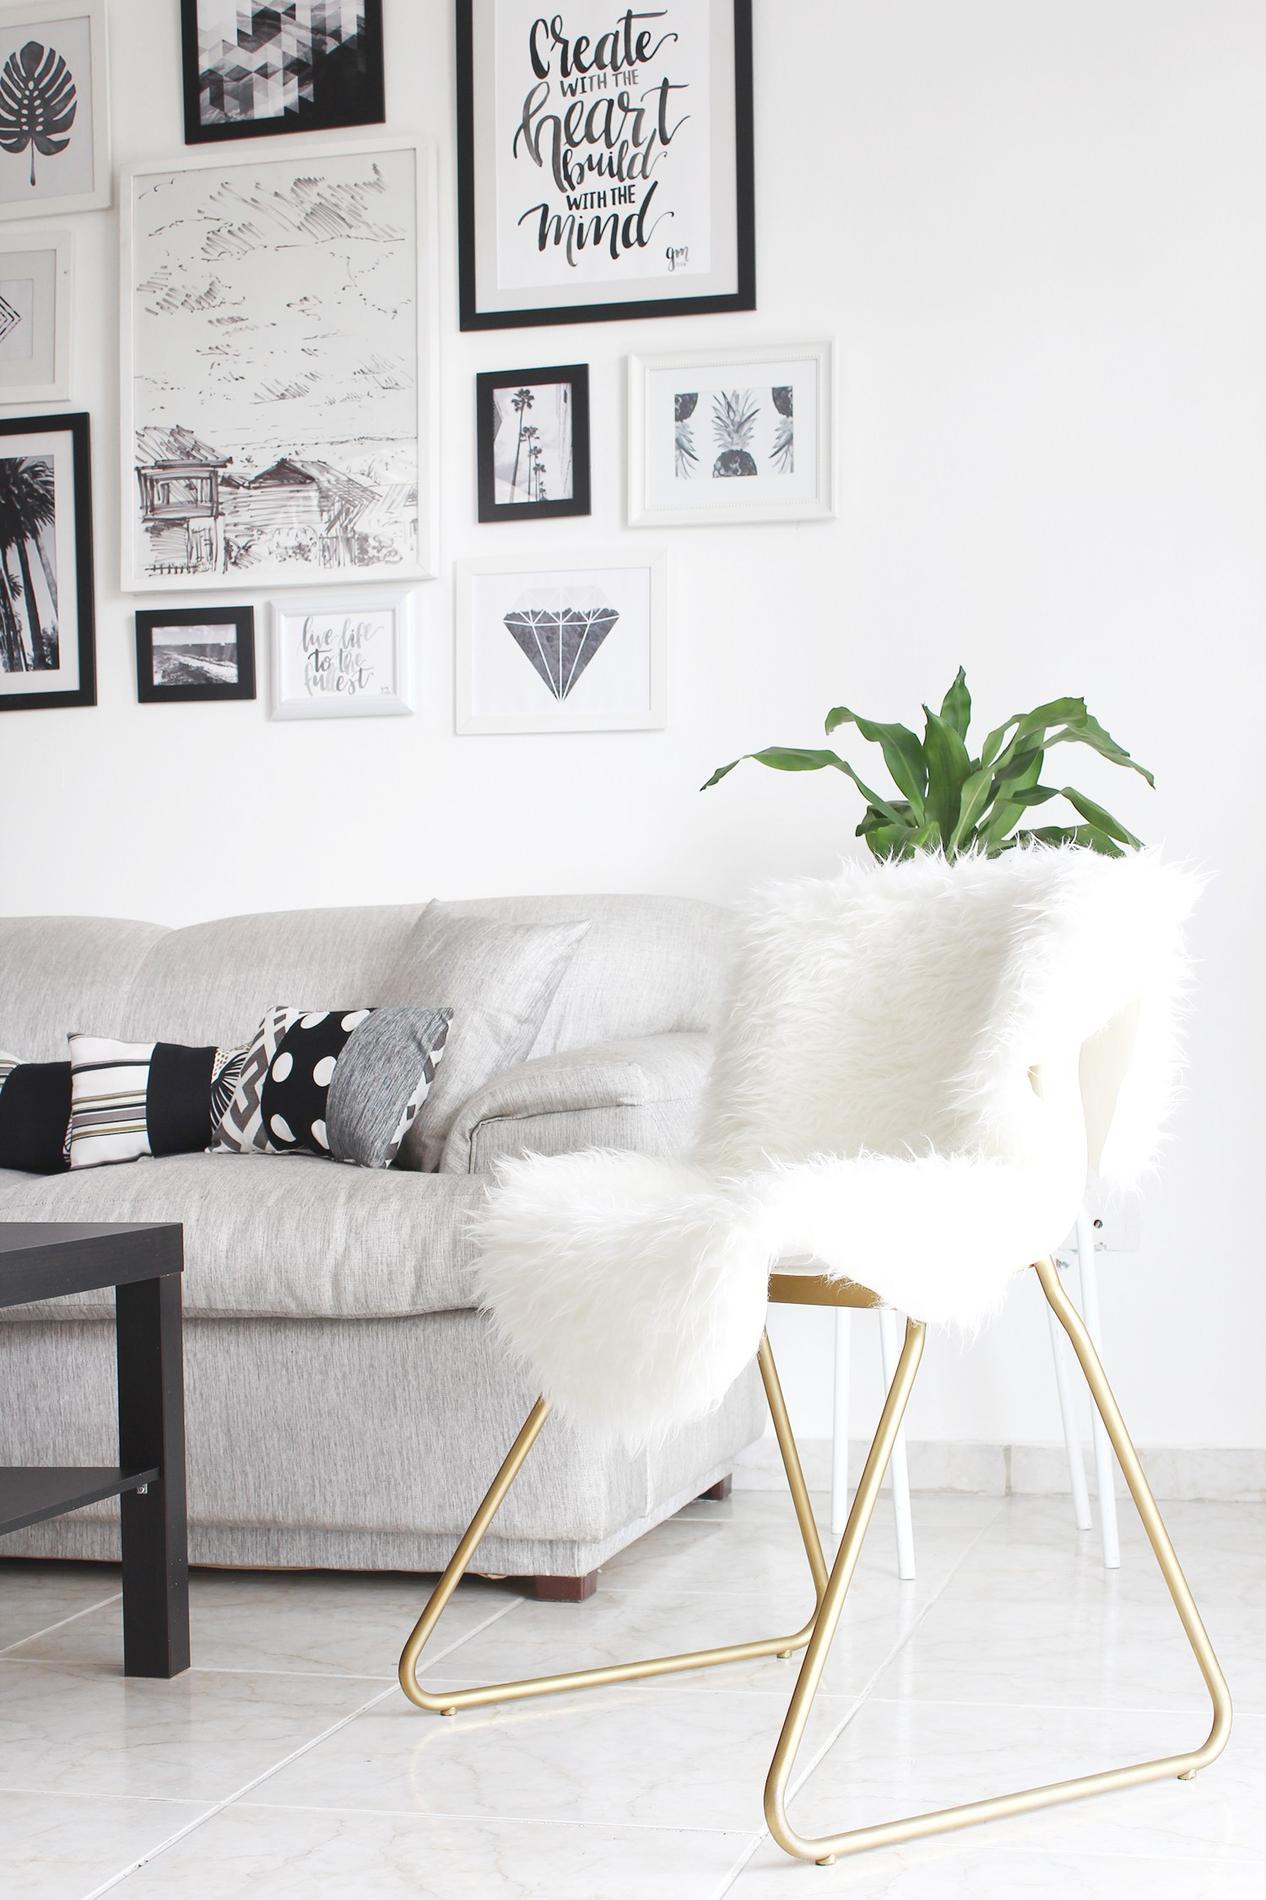 Faire Un Banc Avec Meuble Ikea top 5 des bidouilles ikea les plus réalisées - madame figaro